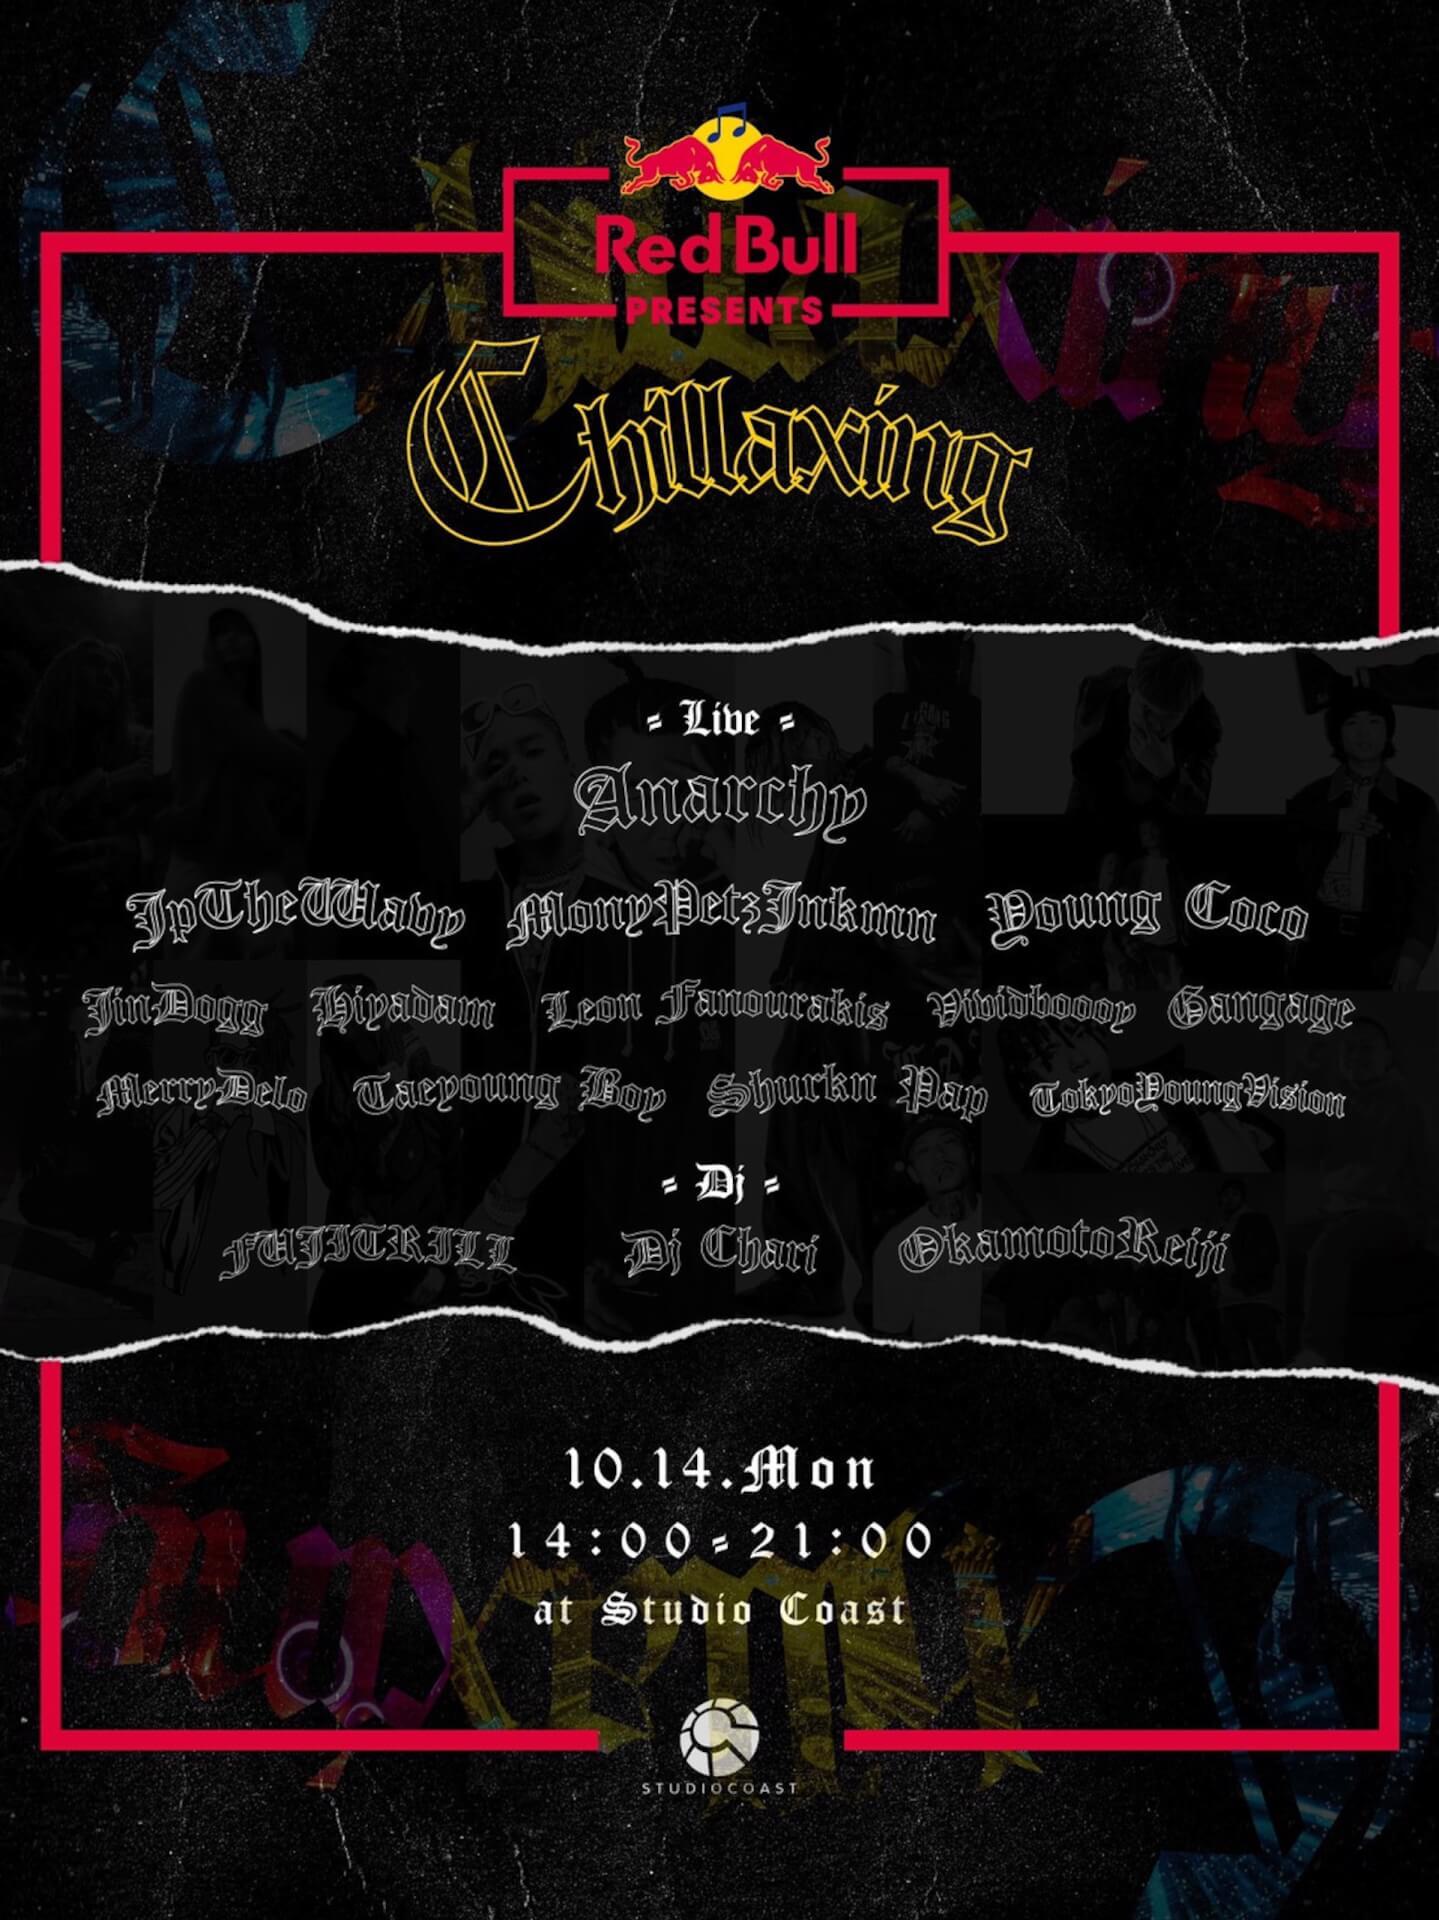 日本のHIP HOP最重要パーティ<Chillaxing>とRed Bullが初コラボ|追加アーティストに、JP THE WAVY、Taeyoung Boy、Shurkn Papらが決定 Red-Bull-presnts-Chillaxing_Artists_Tate